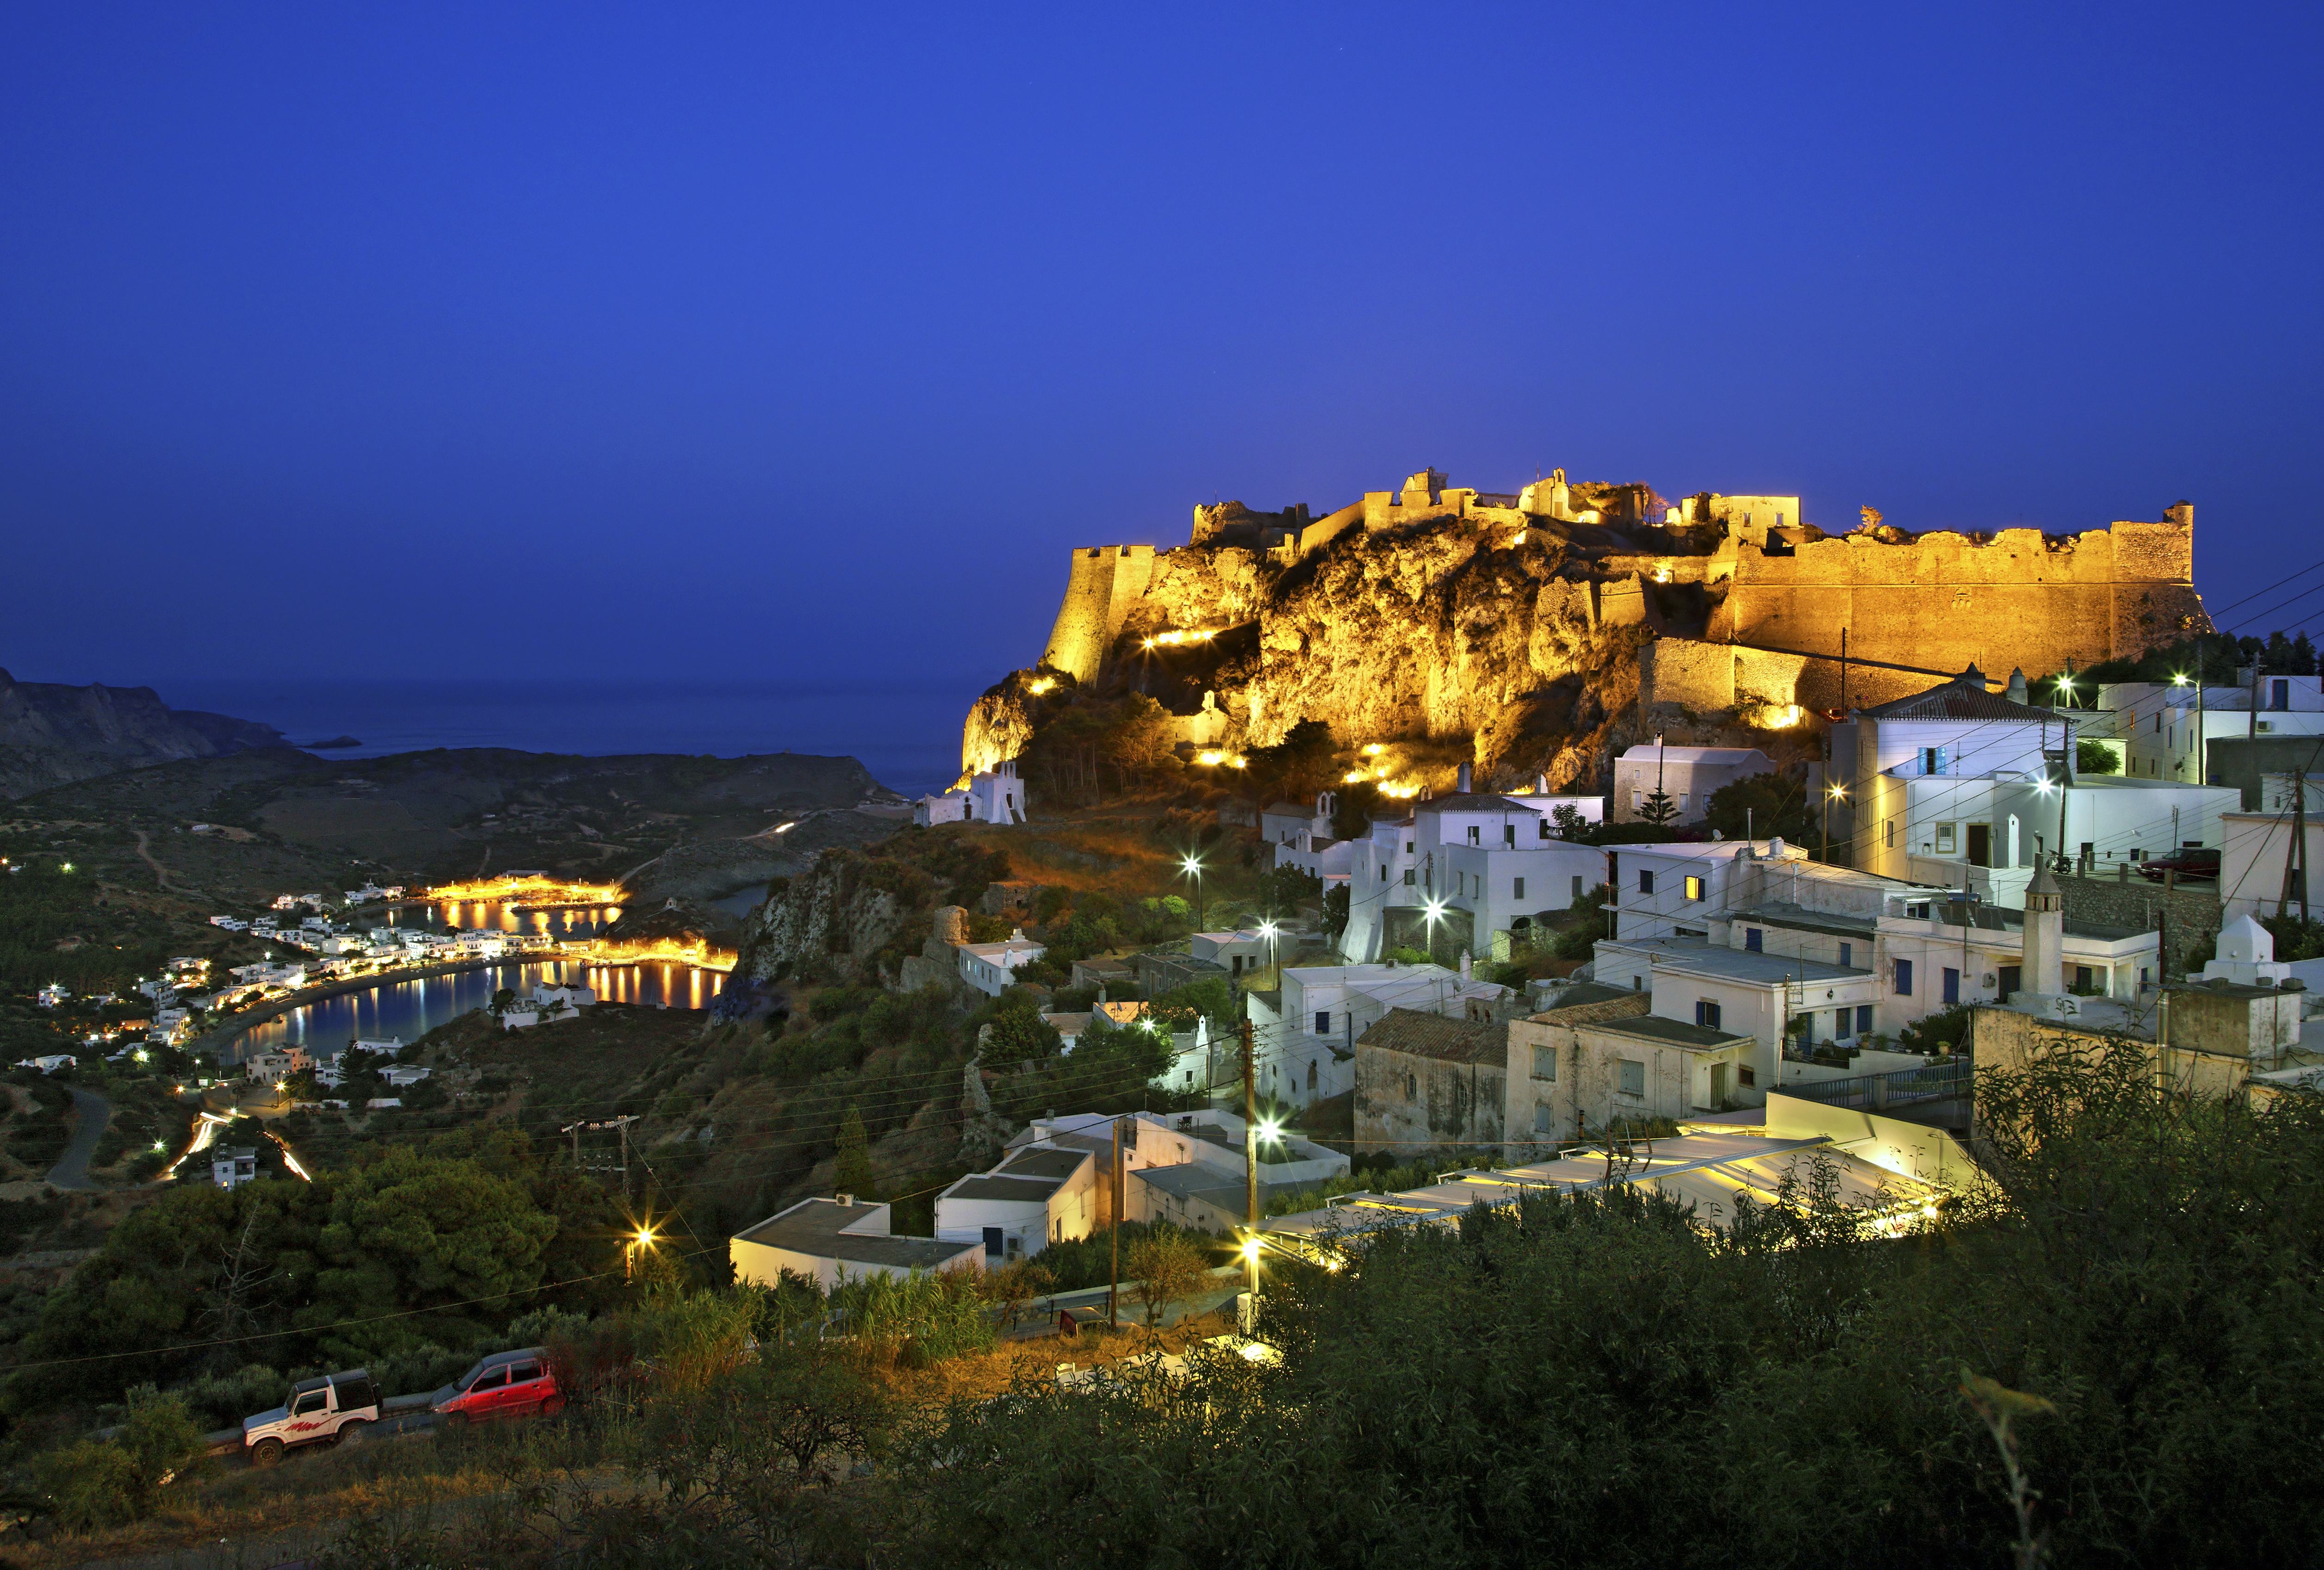 Greece-Elafonisos-Βόλτα στα Κύθηρα